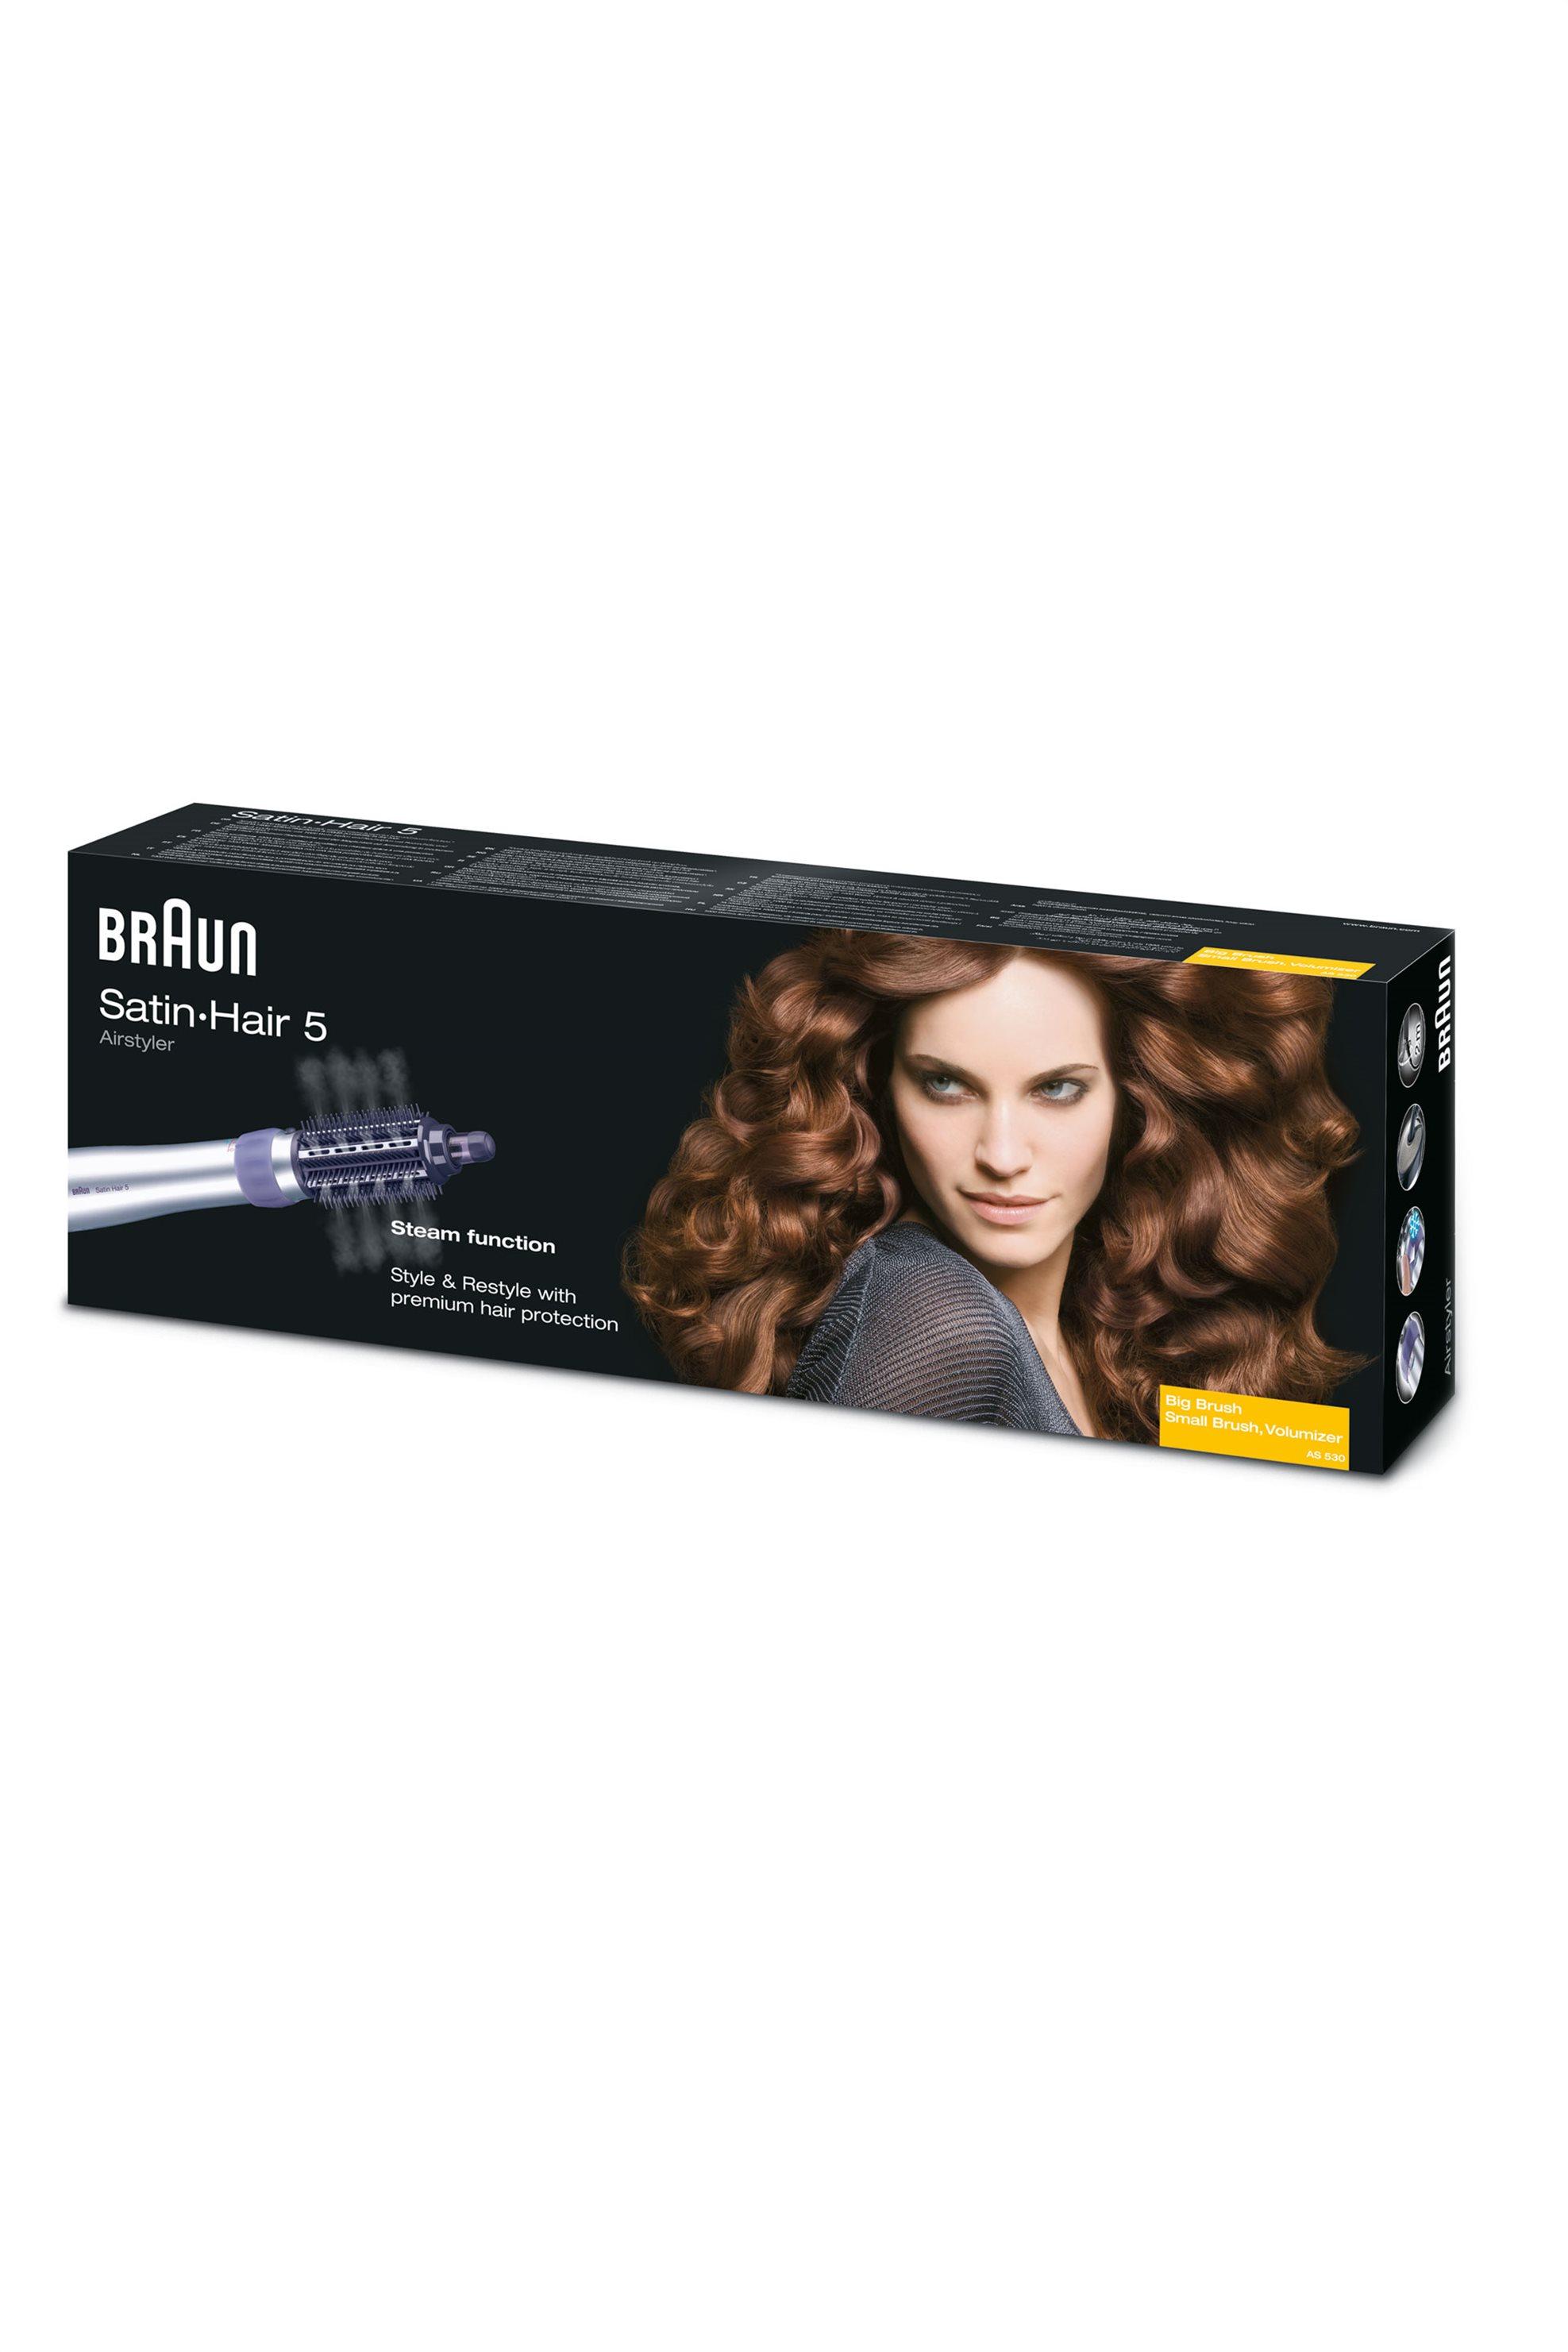 Βούρτσα μαλλιών ASS1000PRO Braun - ASS1000PRO home   συσκευεσ περιποιησησ   ψαλίδια μαλλιών